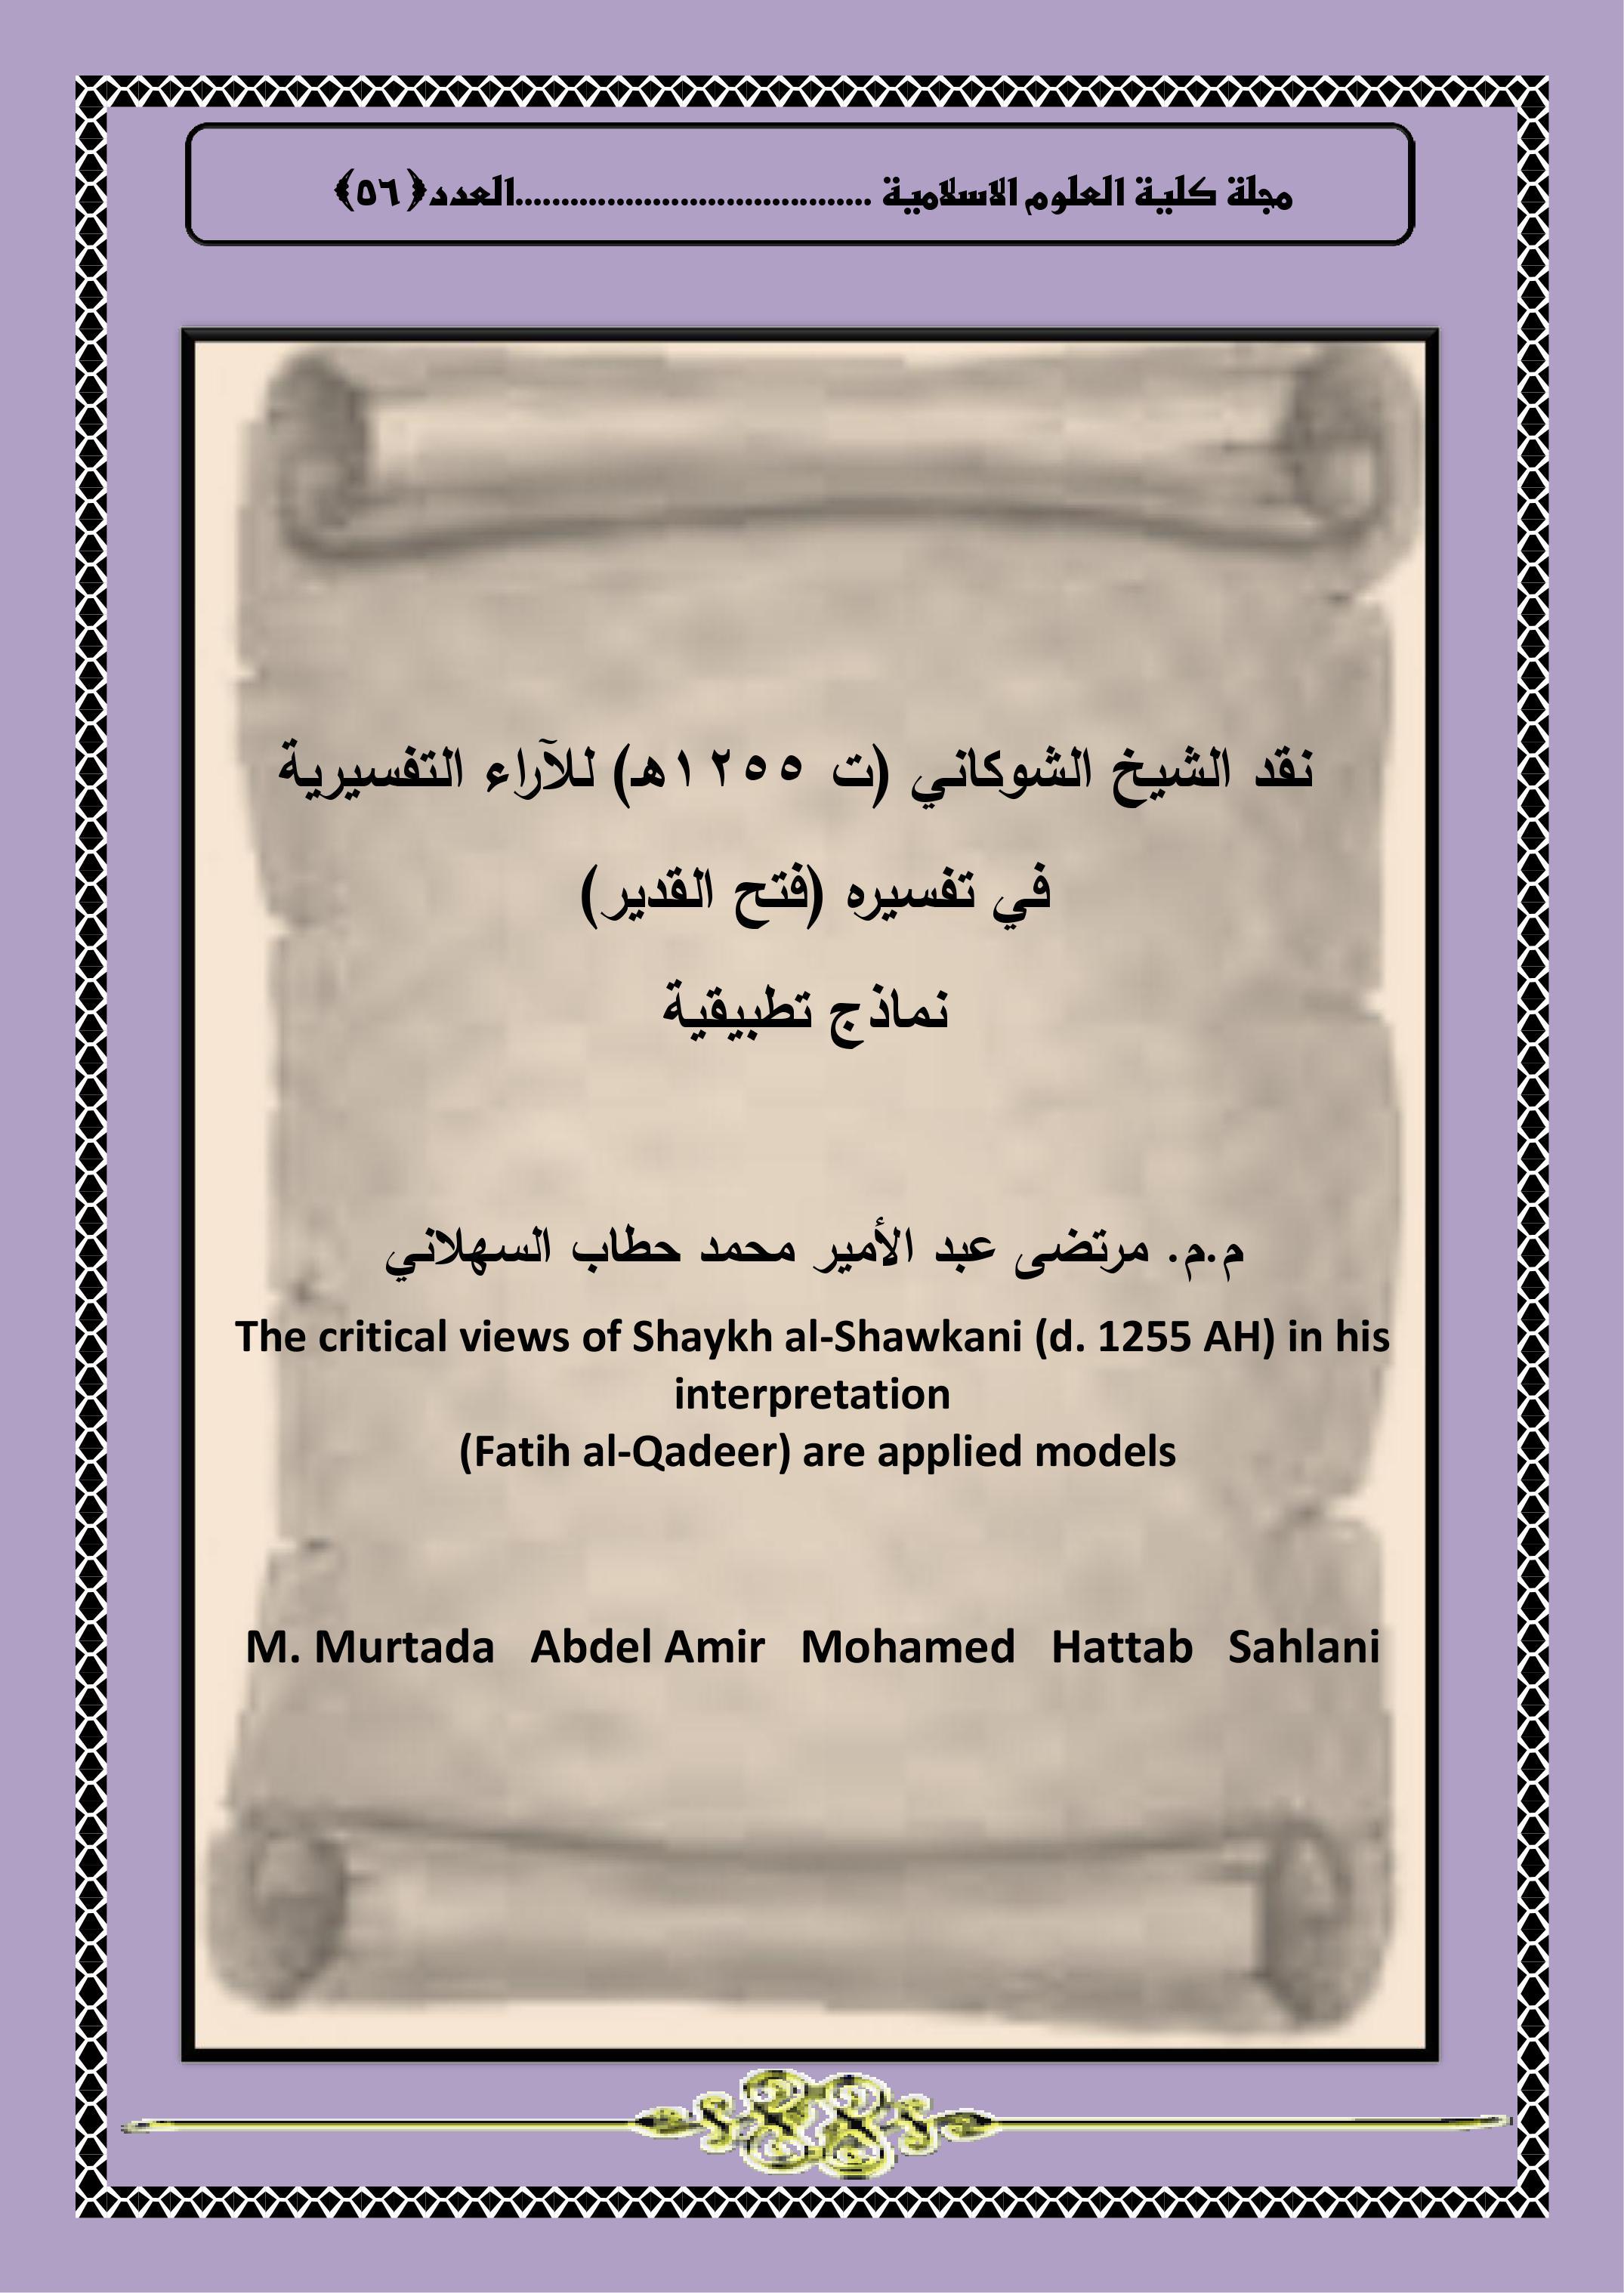 نقد الشيخ الشوكاني (ت 1255هـ) للآراء التفسيرية  في تفسيره (فتح القدير)  نماذج تطبيقية